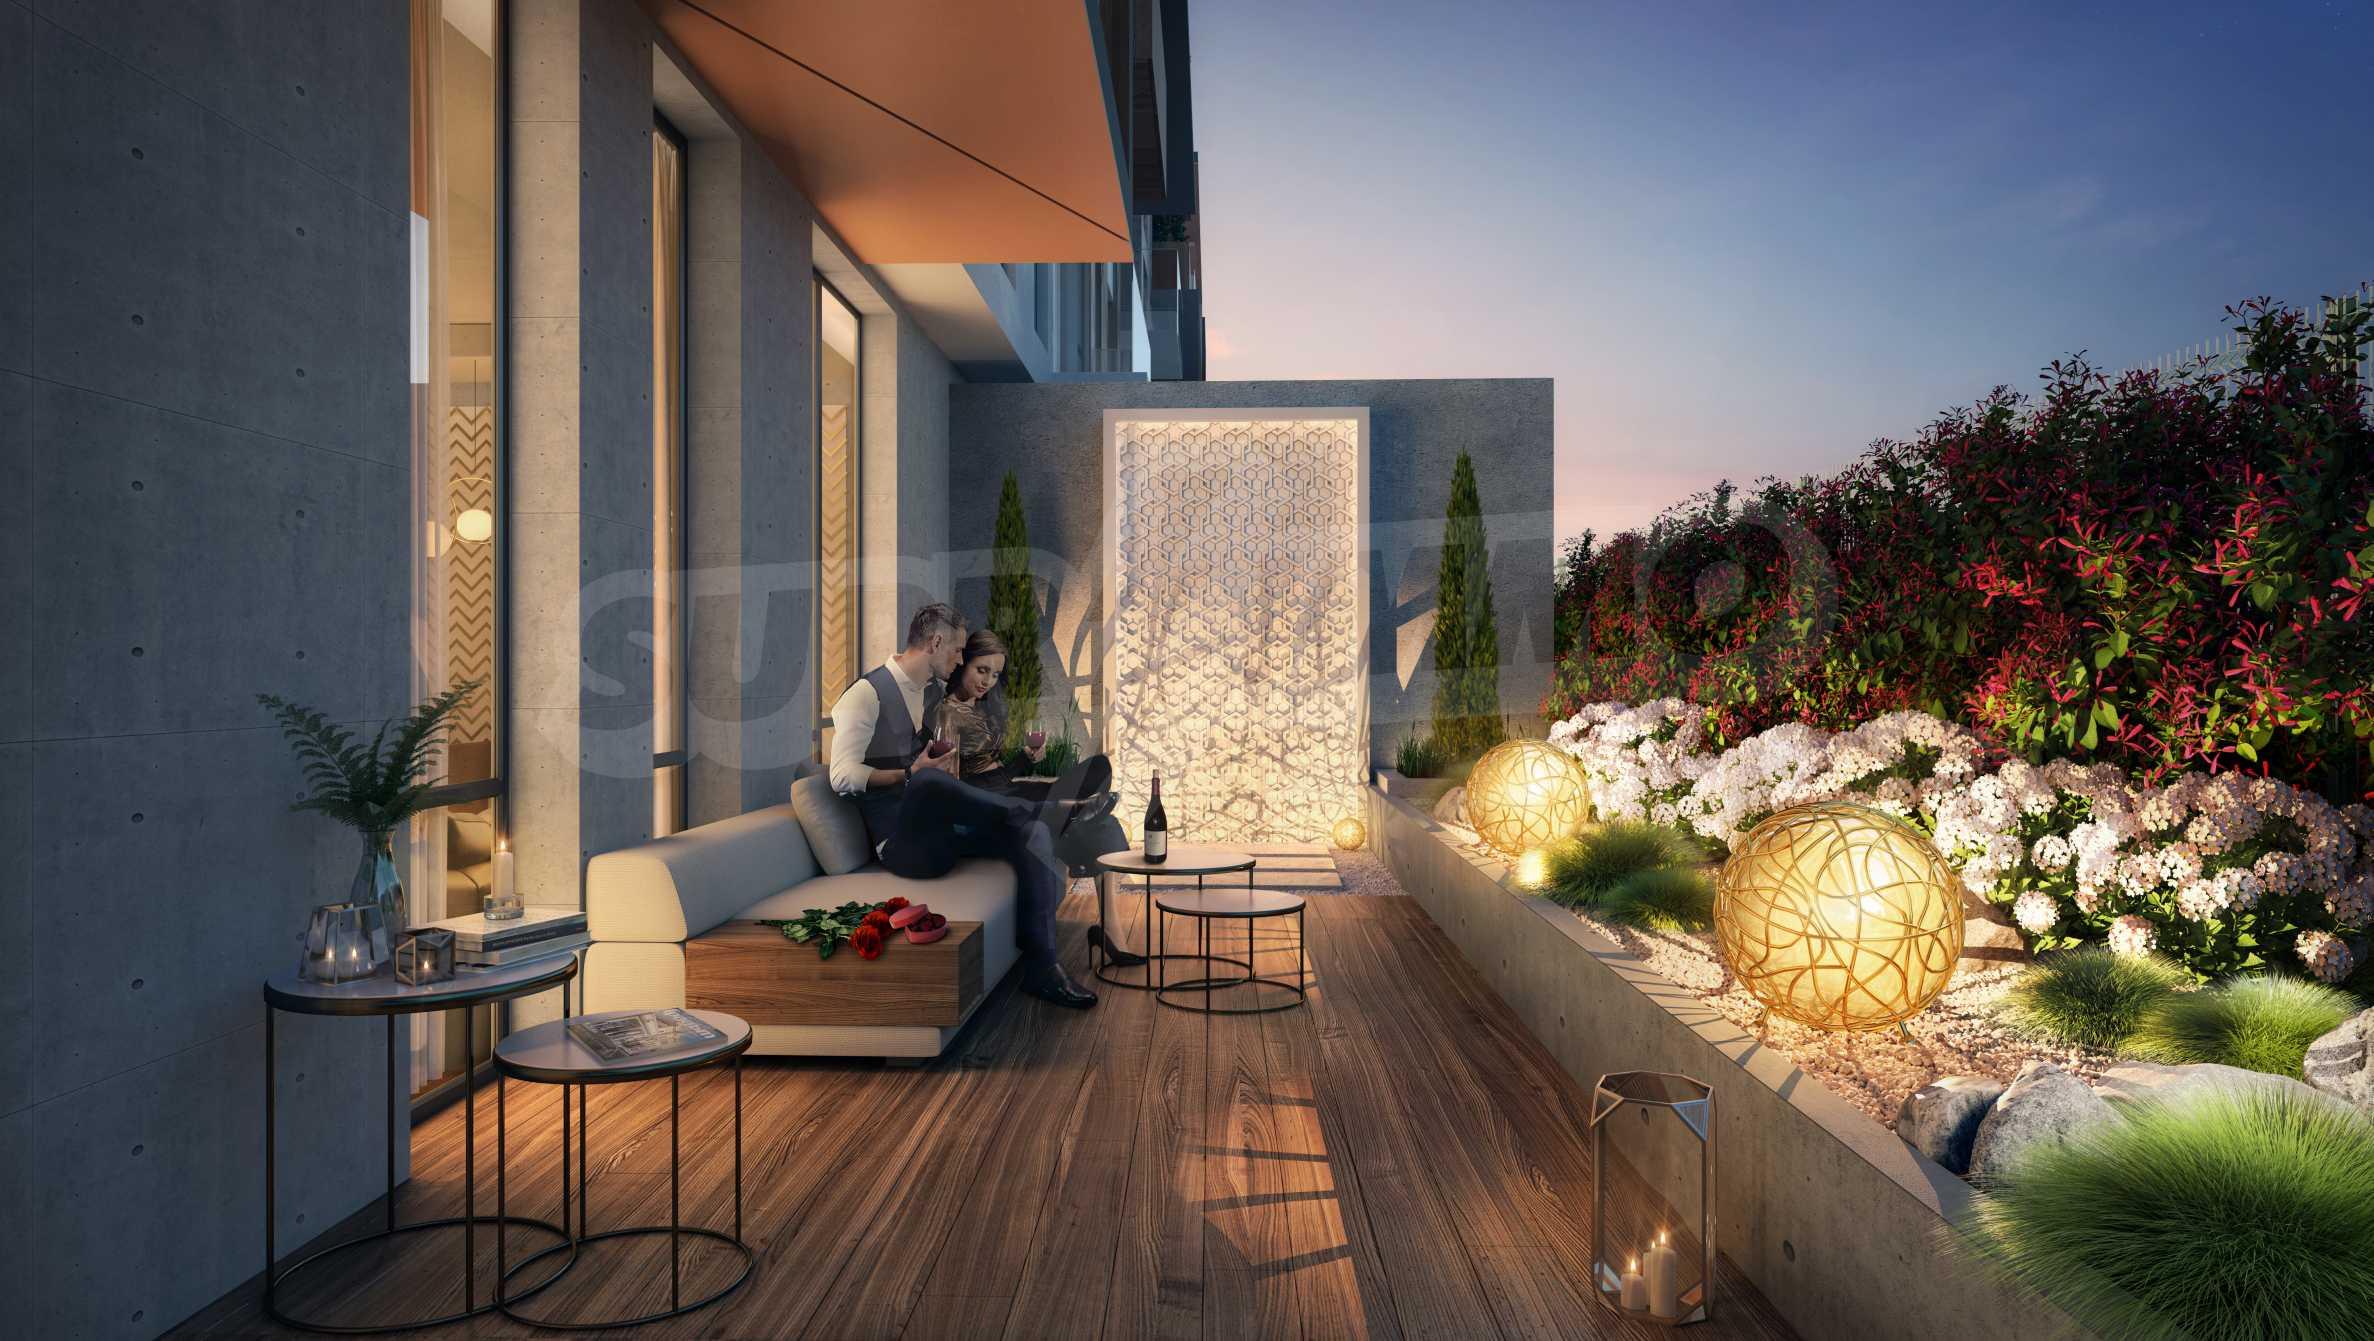 Ексклузивен комплекс на отлична локация в близост до бъдеща метростанция  7